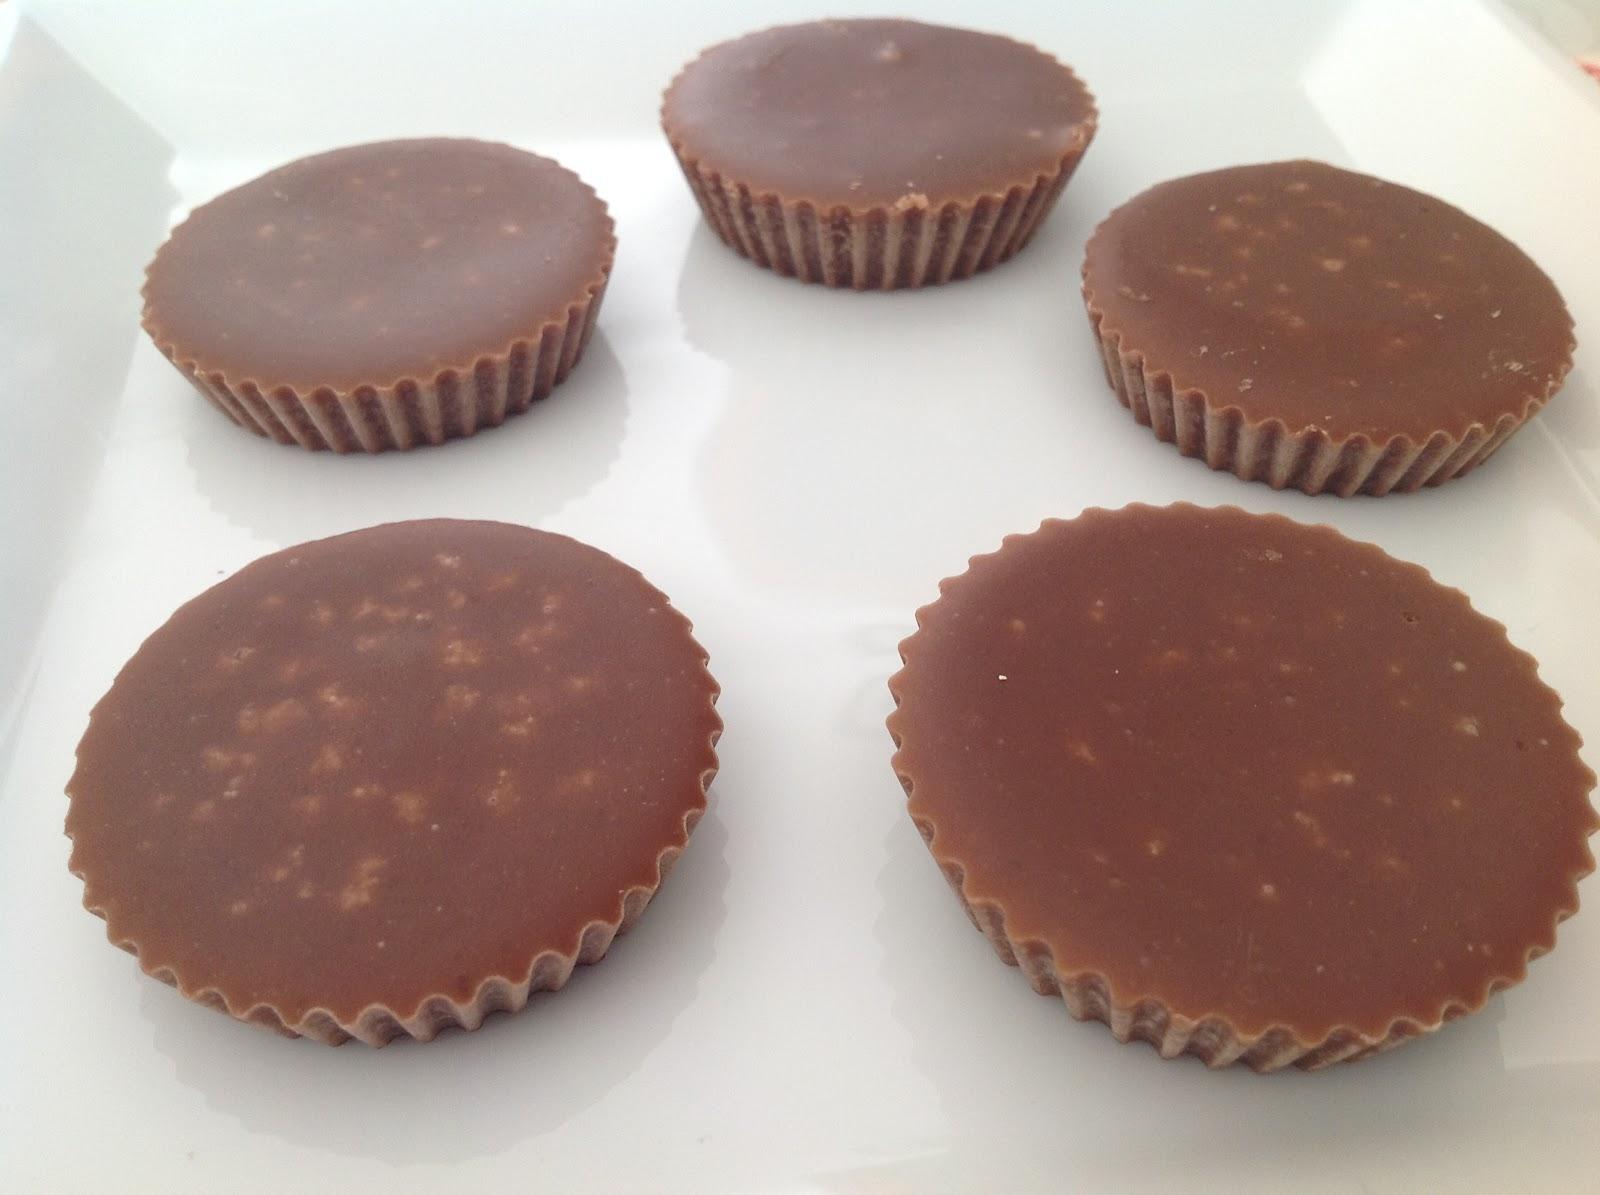 Recette bonbons caramel et chocolat mes recettes r ussies - Maison en biscuit et bonbons ...